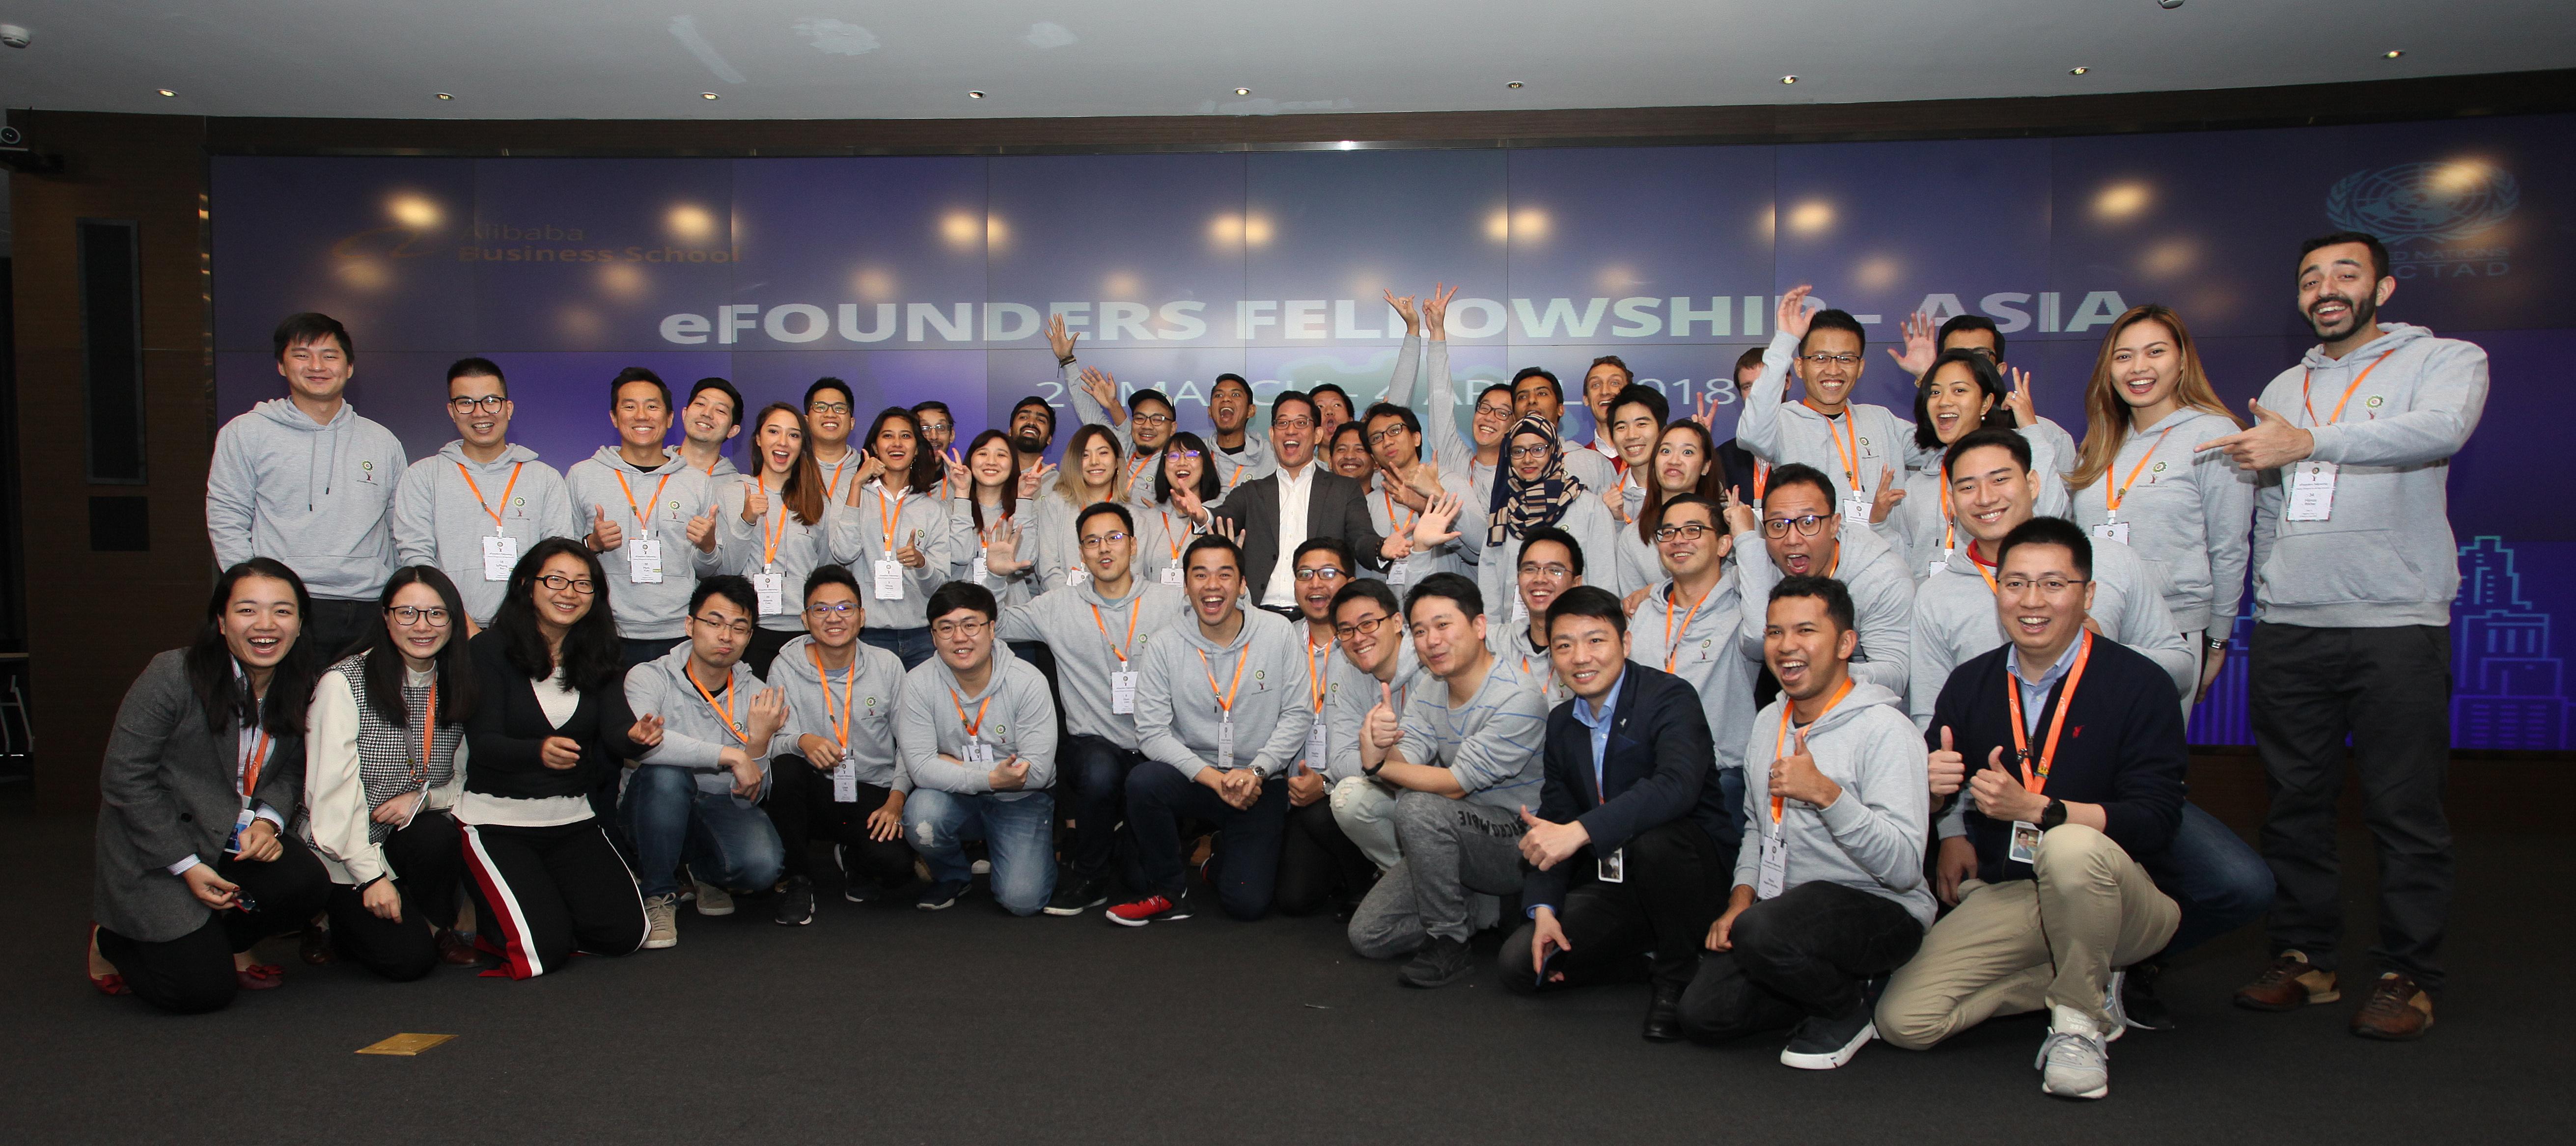 Unctad Und Alibaba Business School Starten Efounders Initiative Für